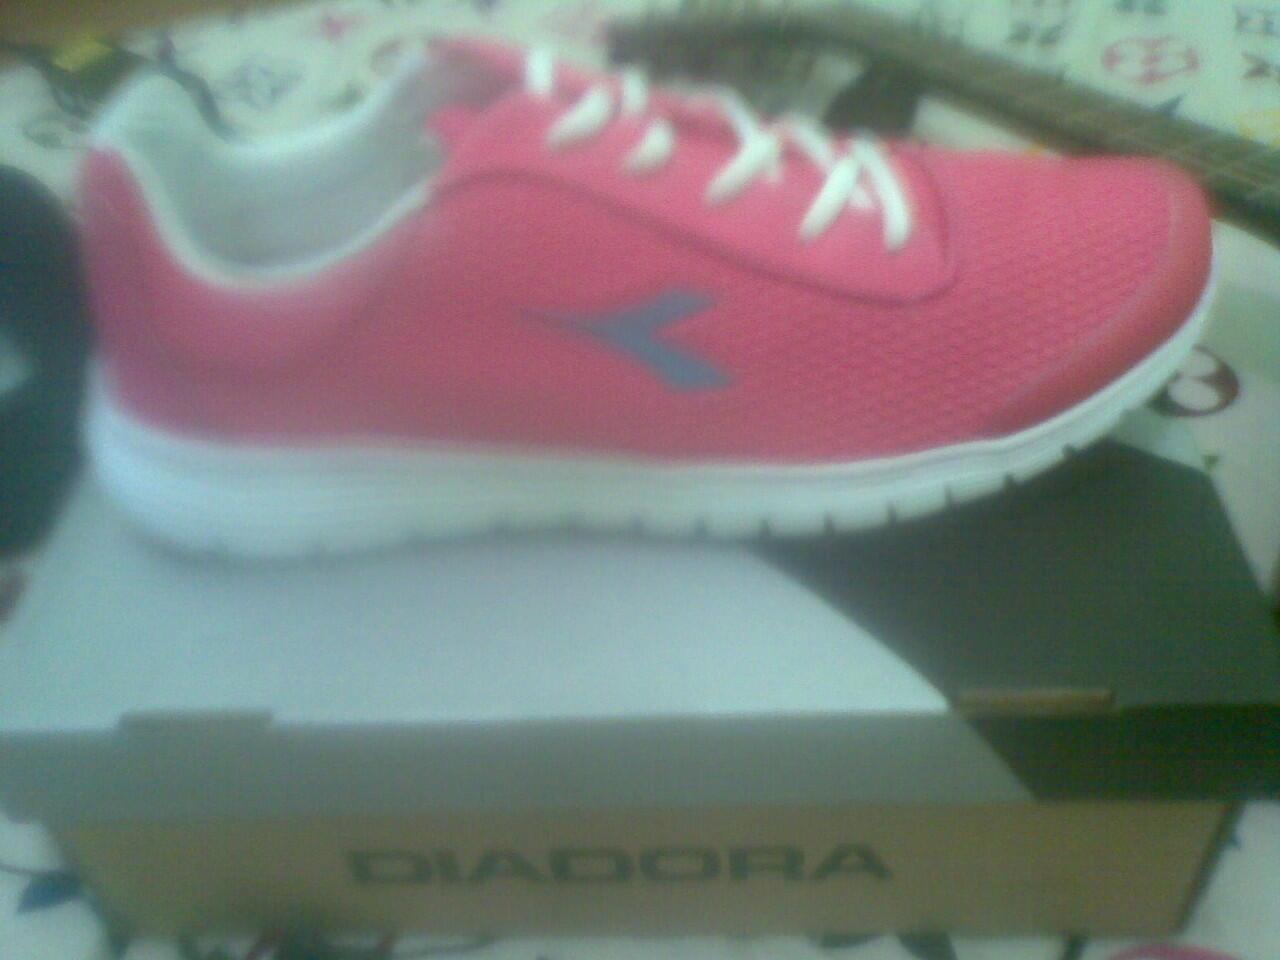 Diadora Original - Running shoes Size 41. [updated]